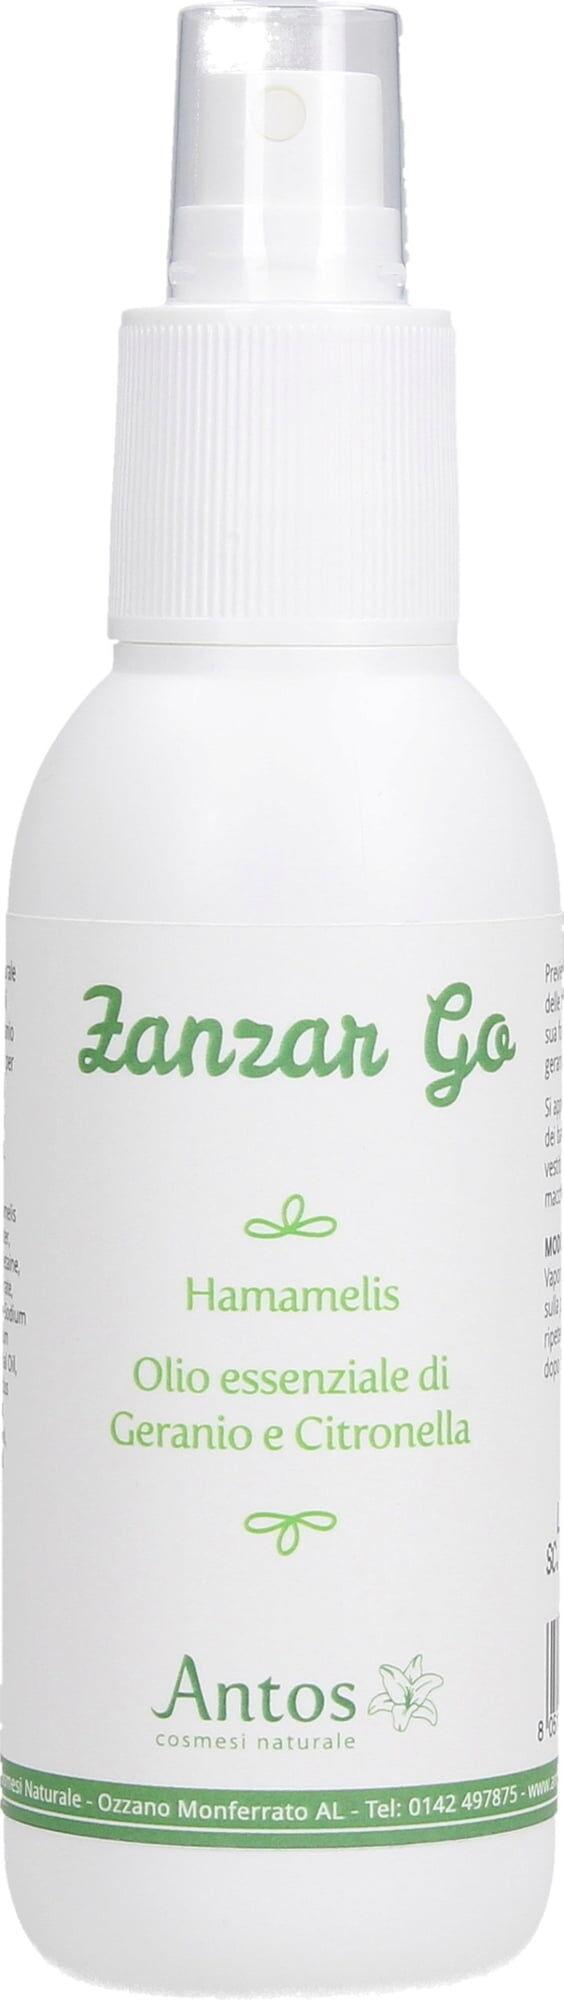 Antos Zanzar Go - 125 ml